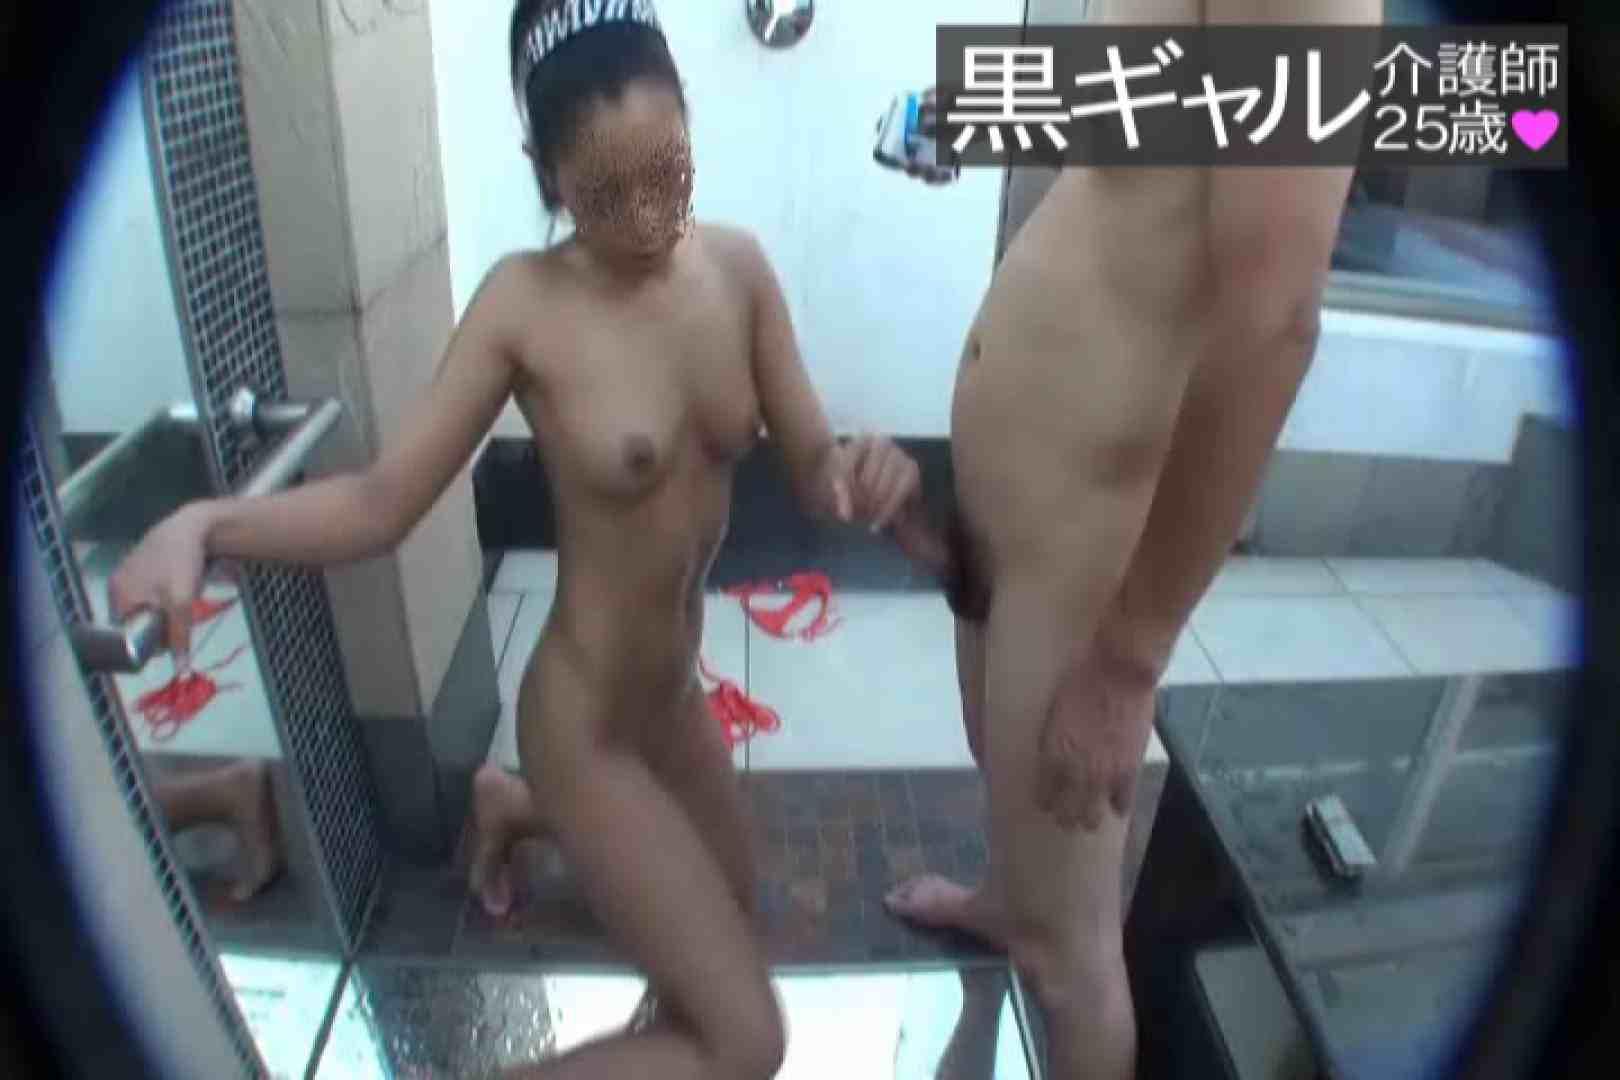 独占入手 従順M黒ギャル介護師25歳vol.6 卑猥 セックス無修正動画無料 54連発 12